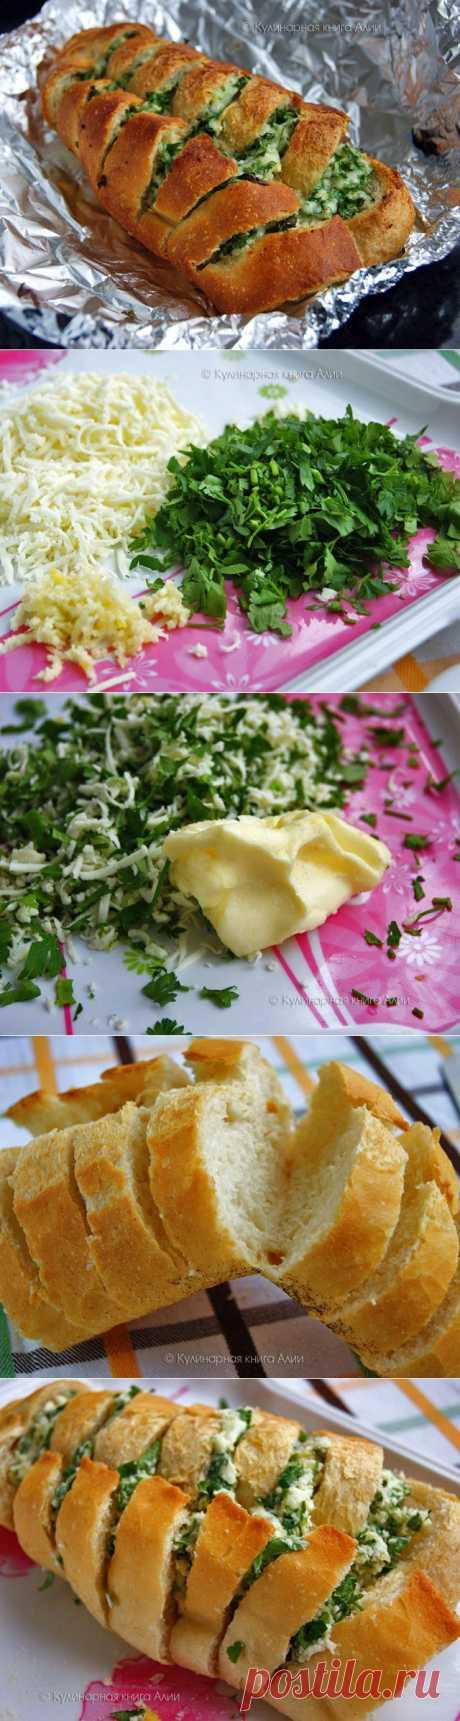 Батон с сыром и чесноком - я даже не ожидала, что он мне так понравится!.